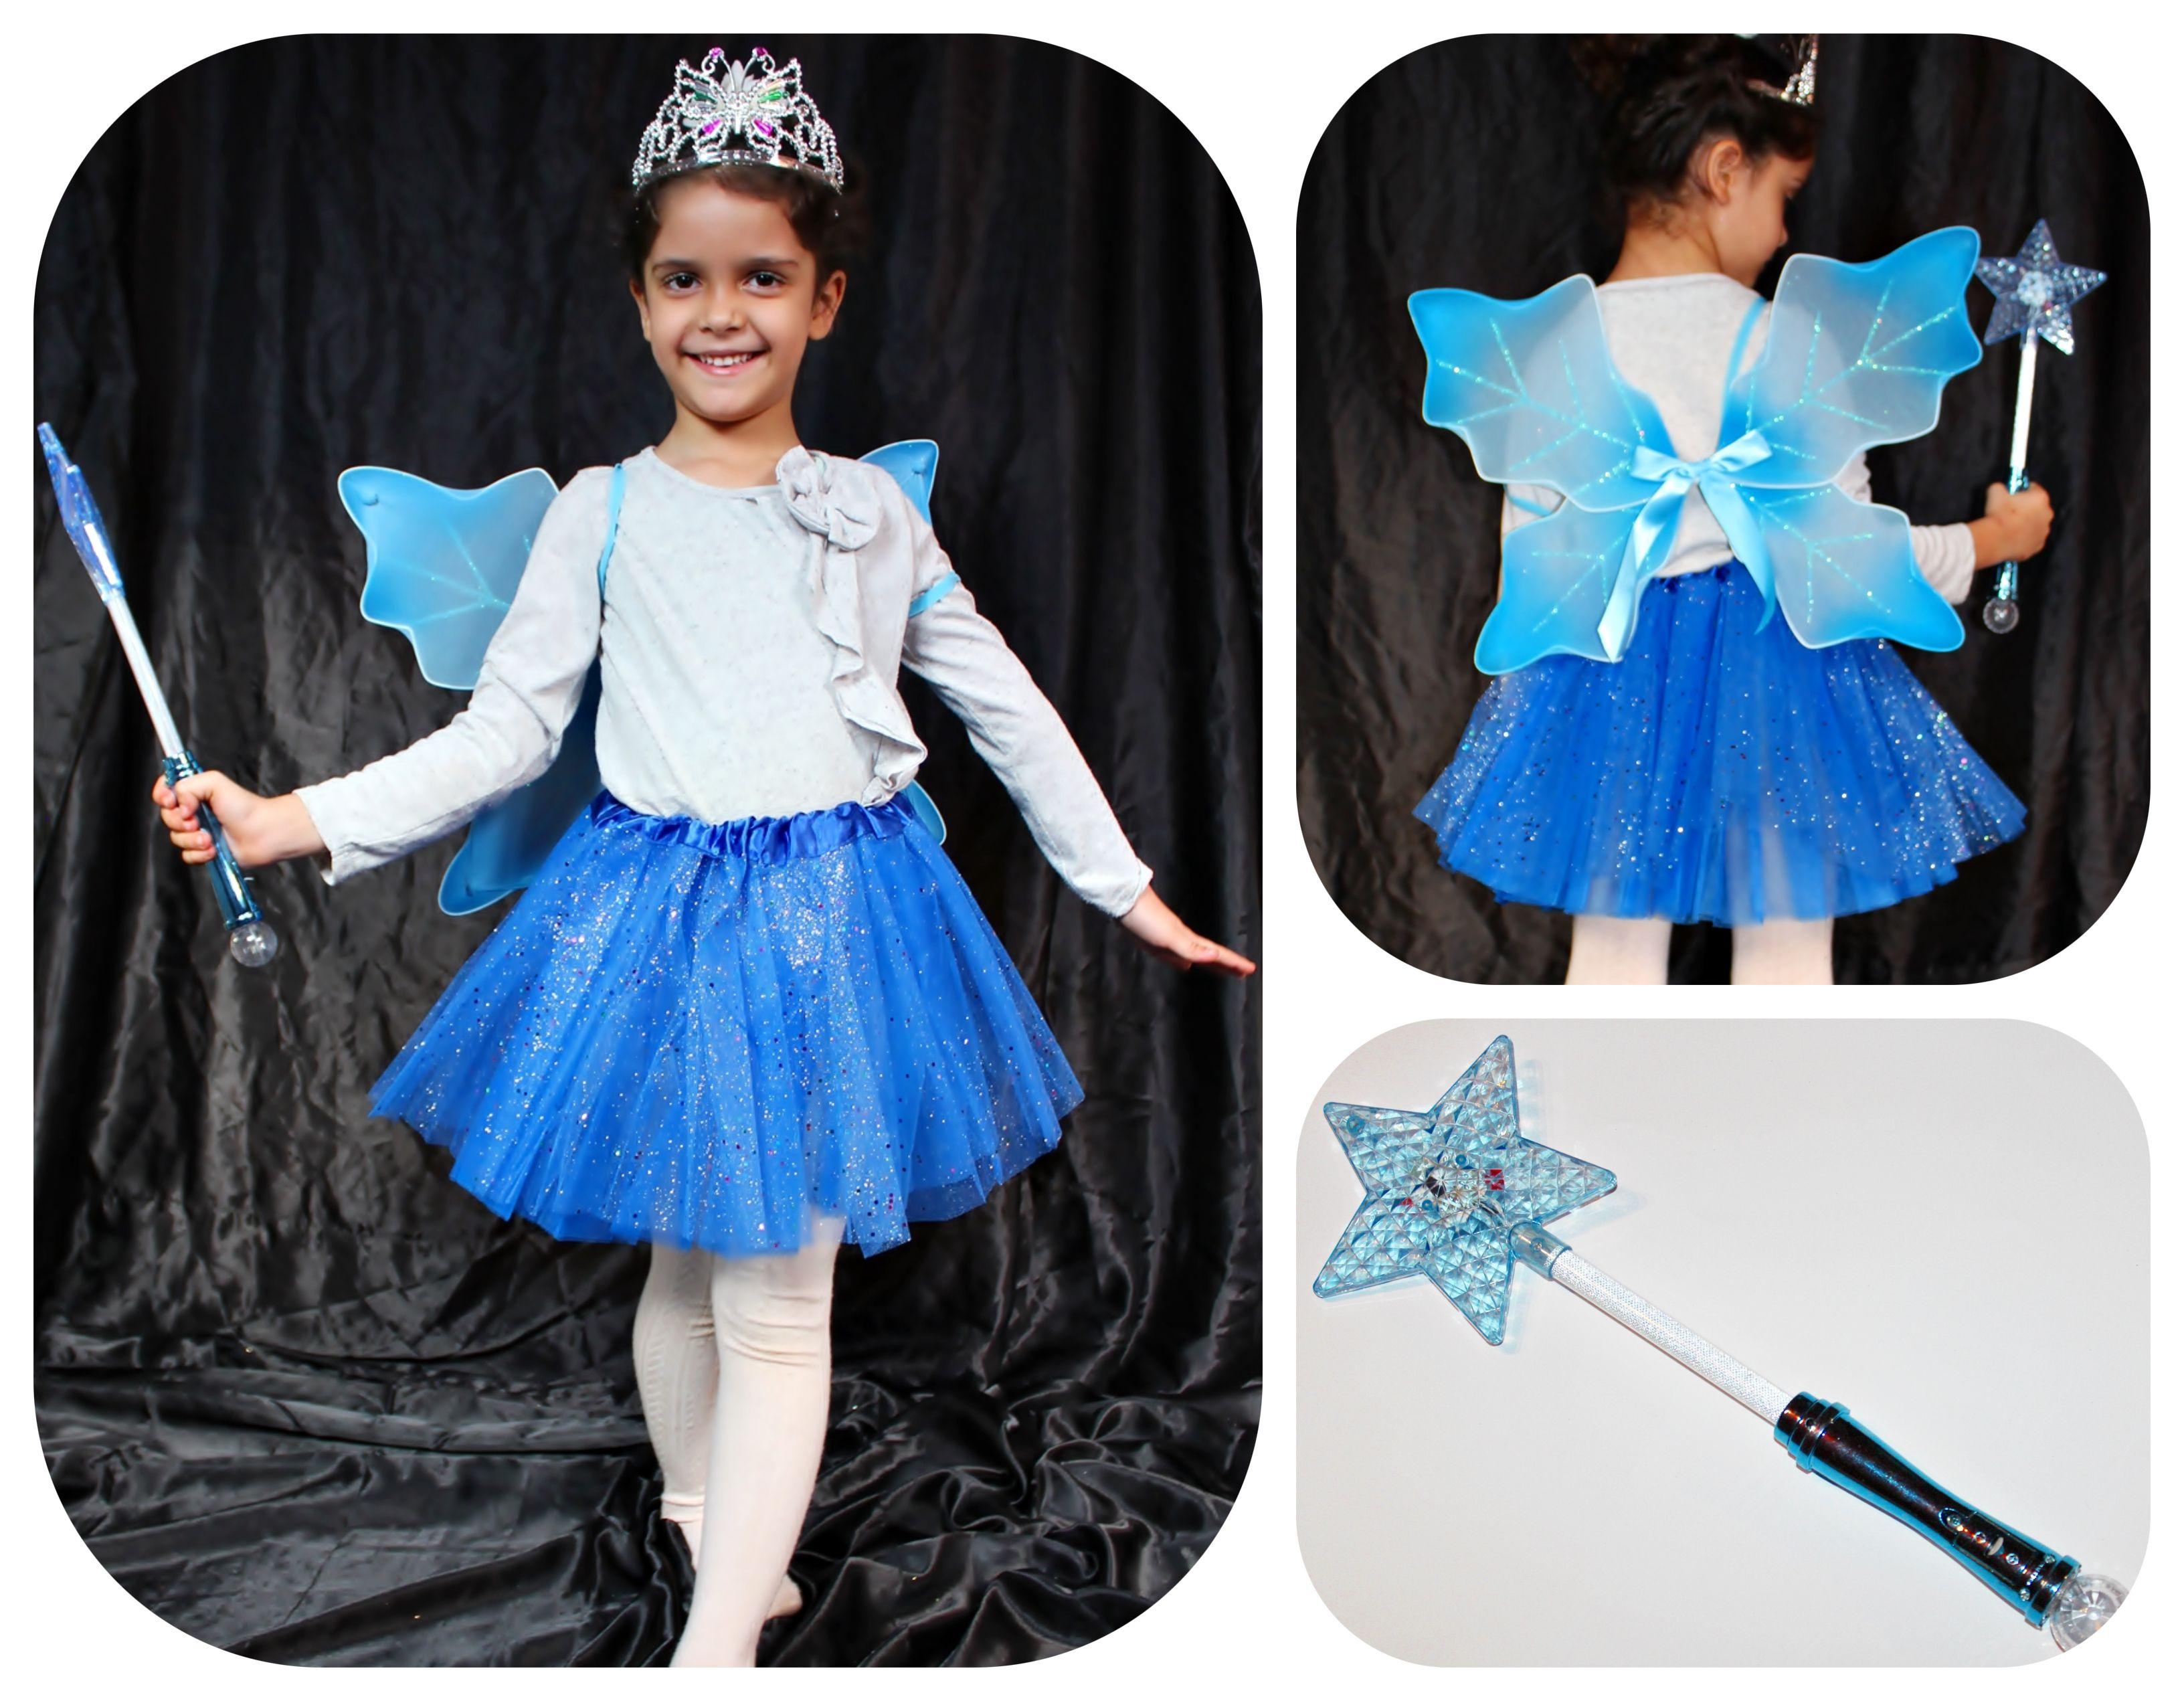 9b5d303c80 4 részes kék tündér jelmez: szoknya + tiara + világítós varázspálca +  szárny -színes